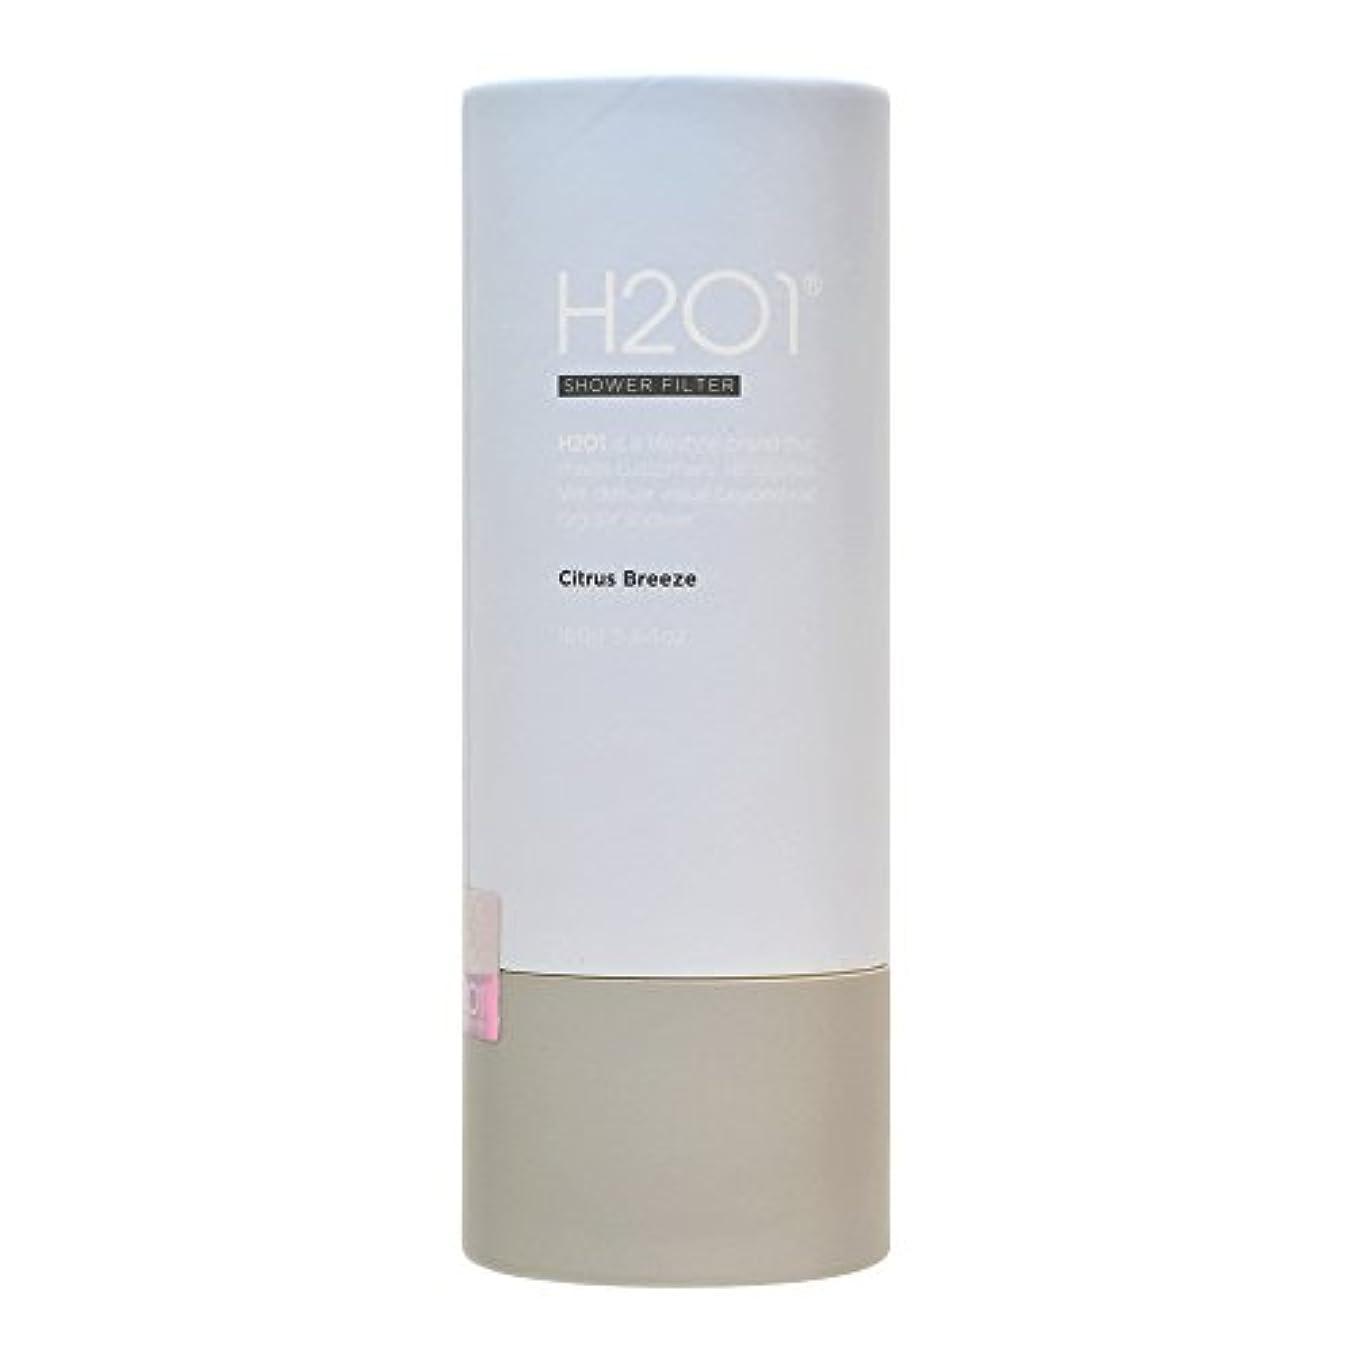 できれば遮る時系列H2O1 (エイチツーオーワン) シャワーフィルター シトラスブリーズ